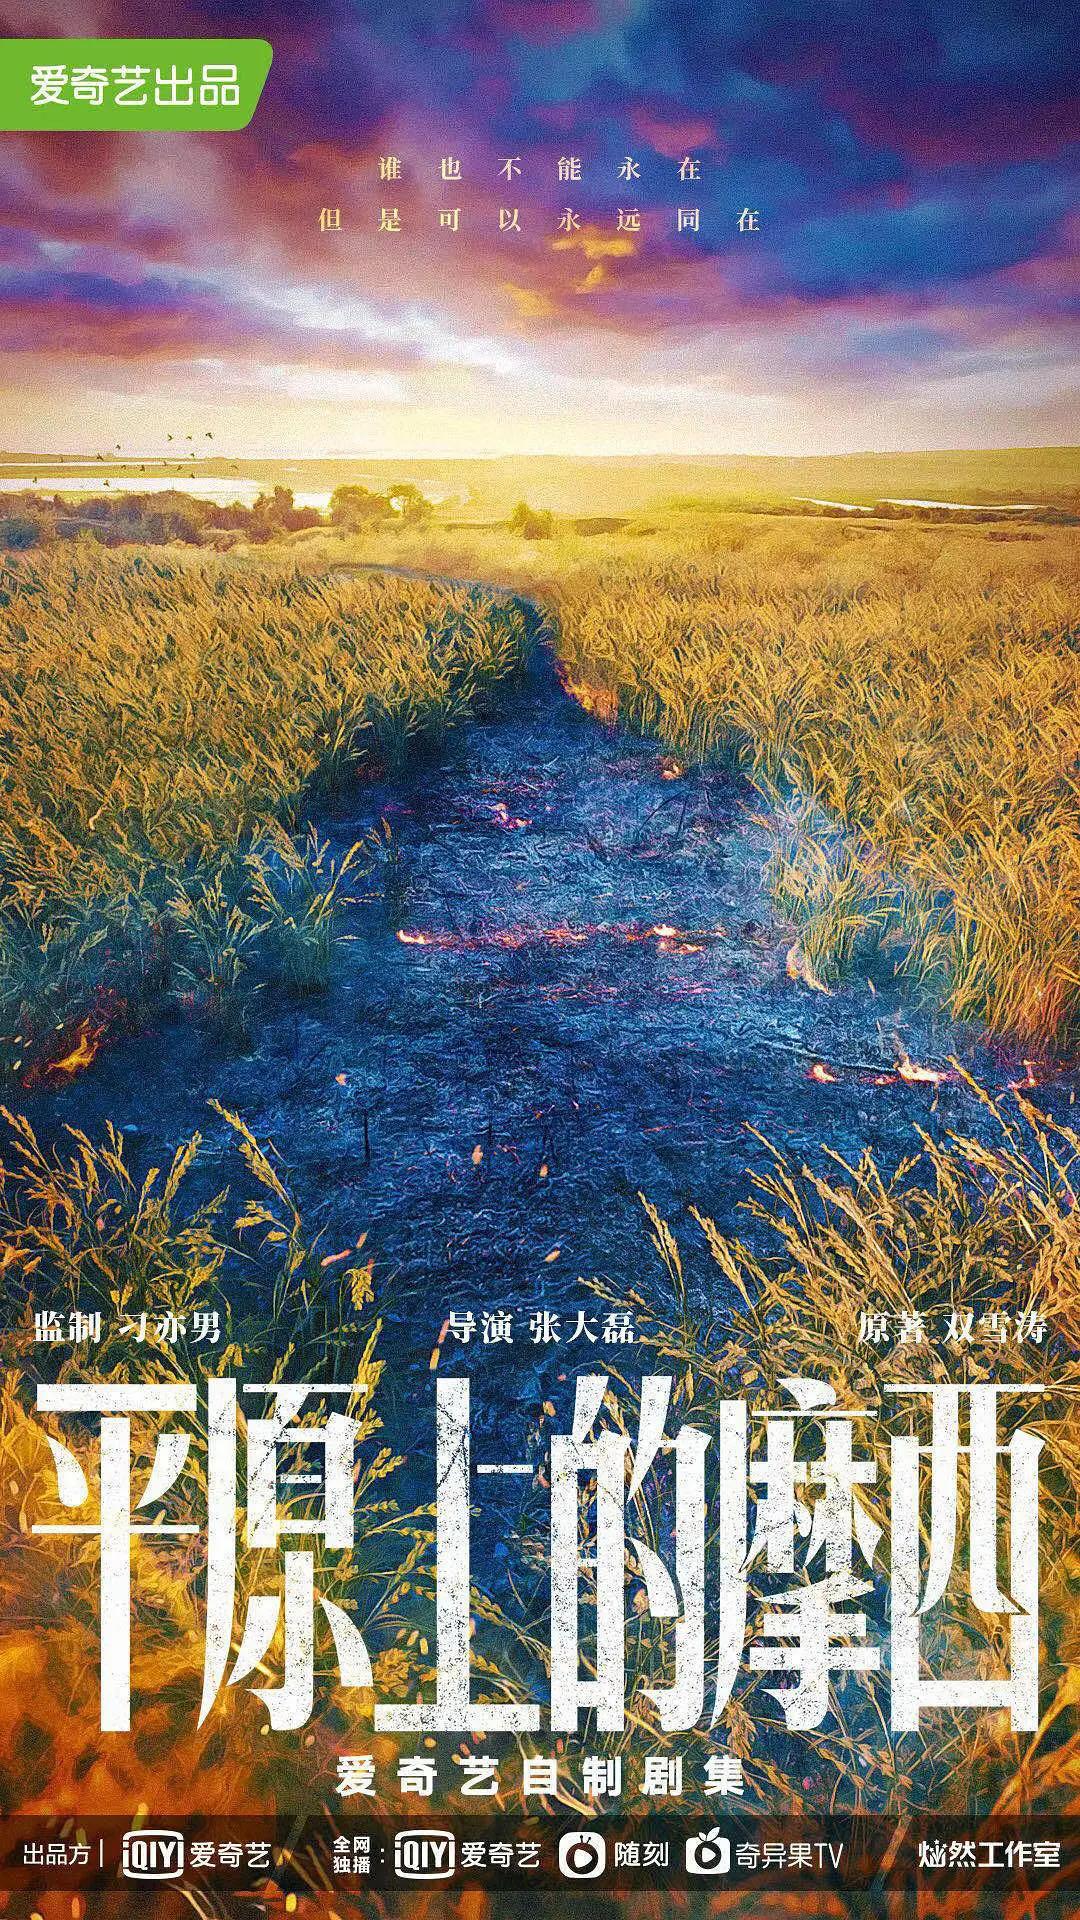 剧讯 《棋魂》同名真人版网剧定档10月27日 爱奇艺迷雾剧场将拍《平原上的摩西》电视剧版